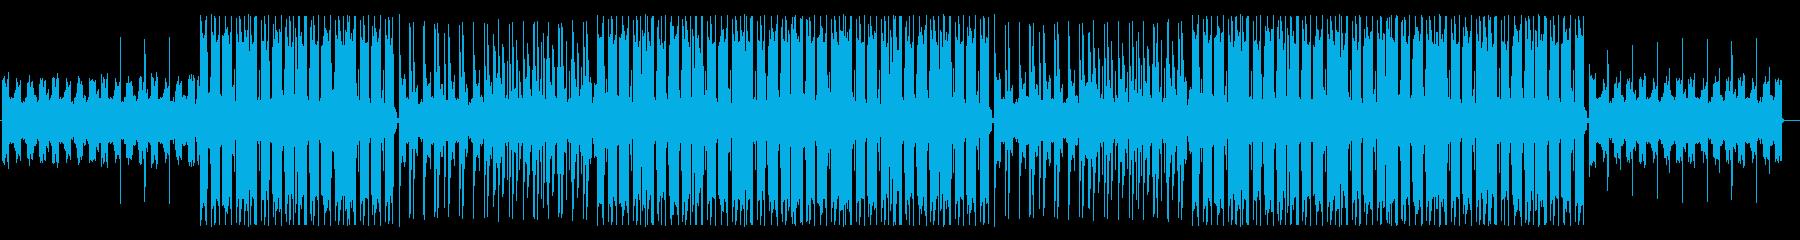 哀愁感、切ない響きのR&B(ボーカル抜きの再生済みの波形